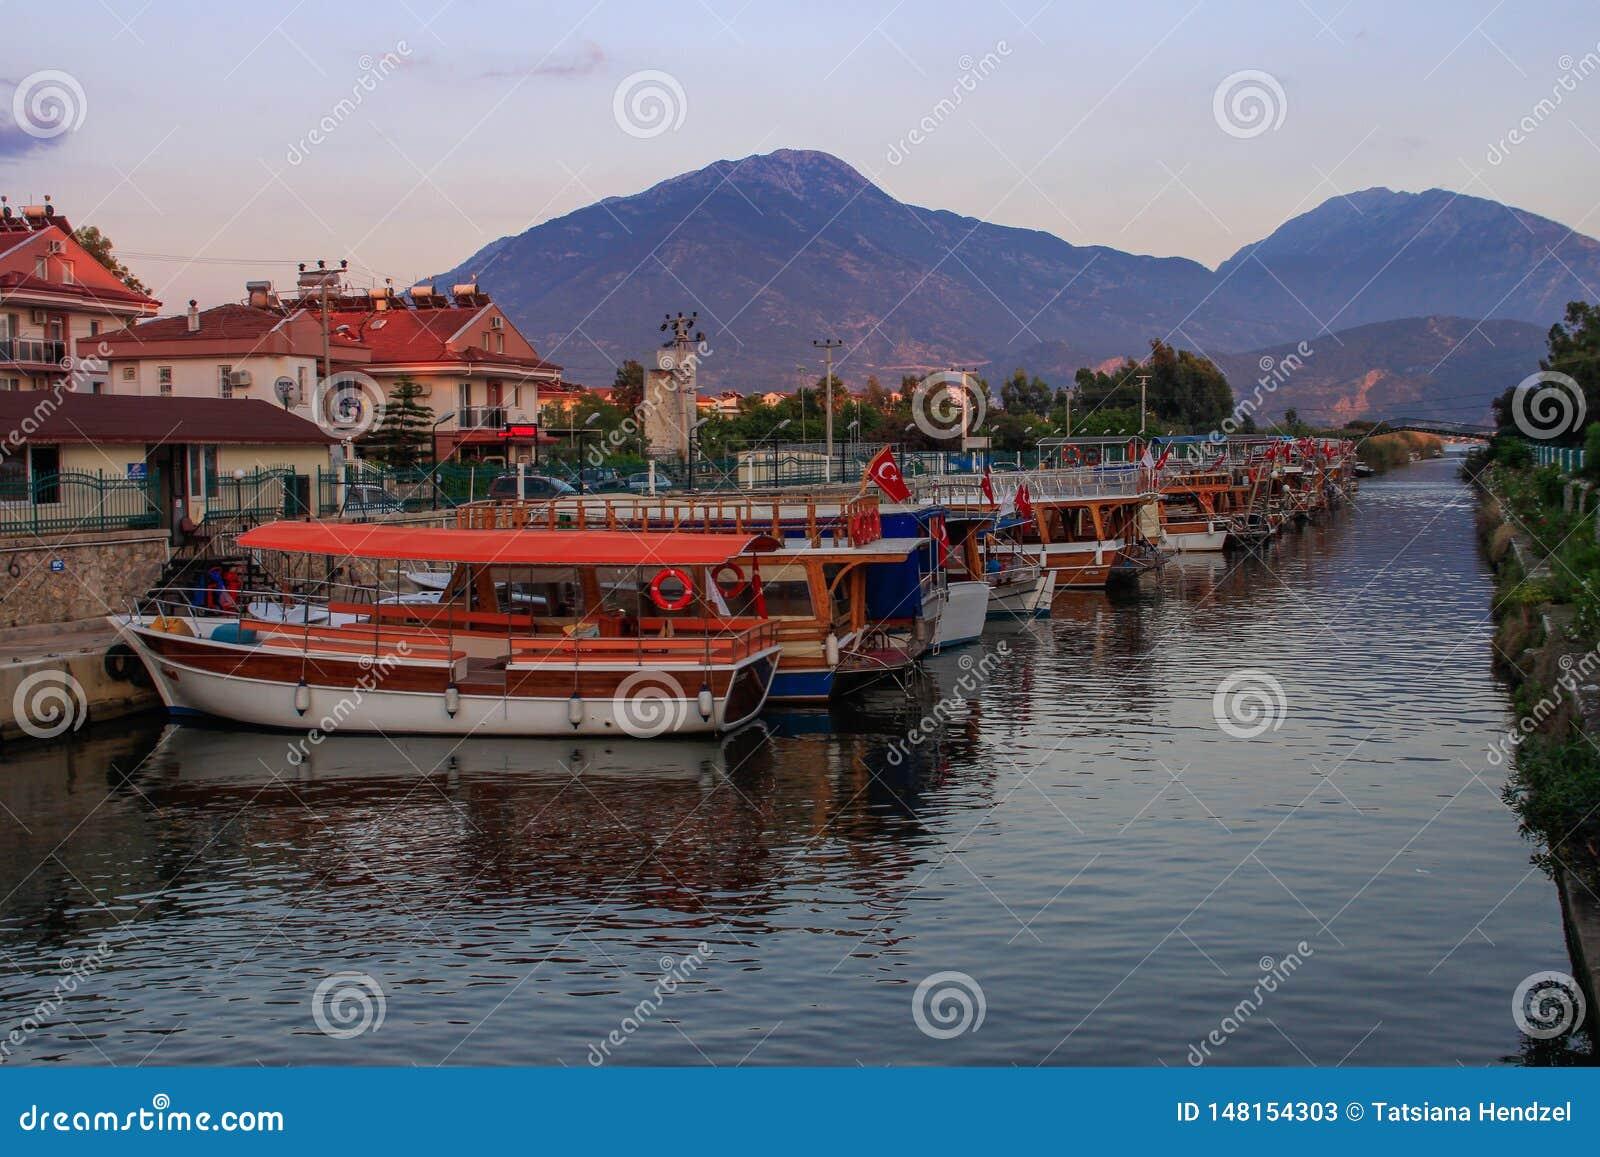 Straat met boten met de Turkse vlag in het kanaal bij zonsondergang